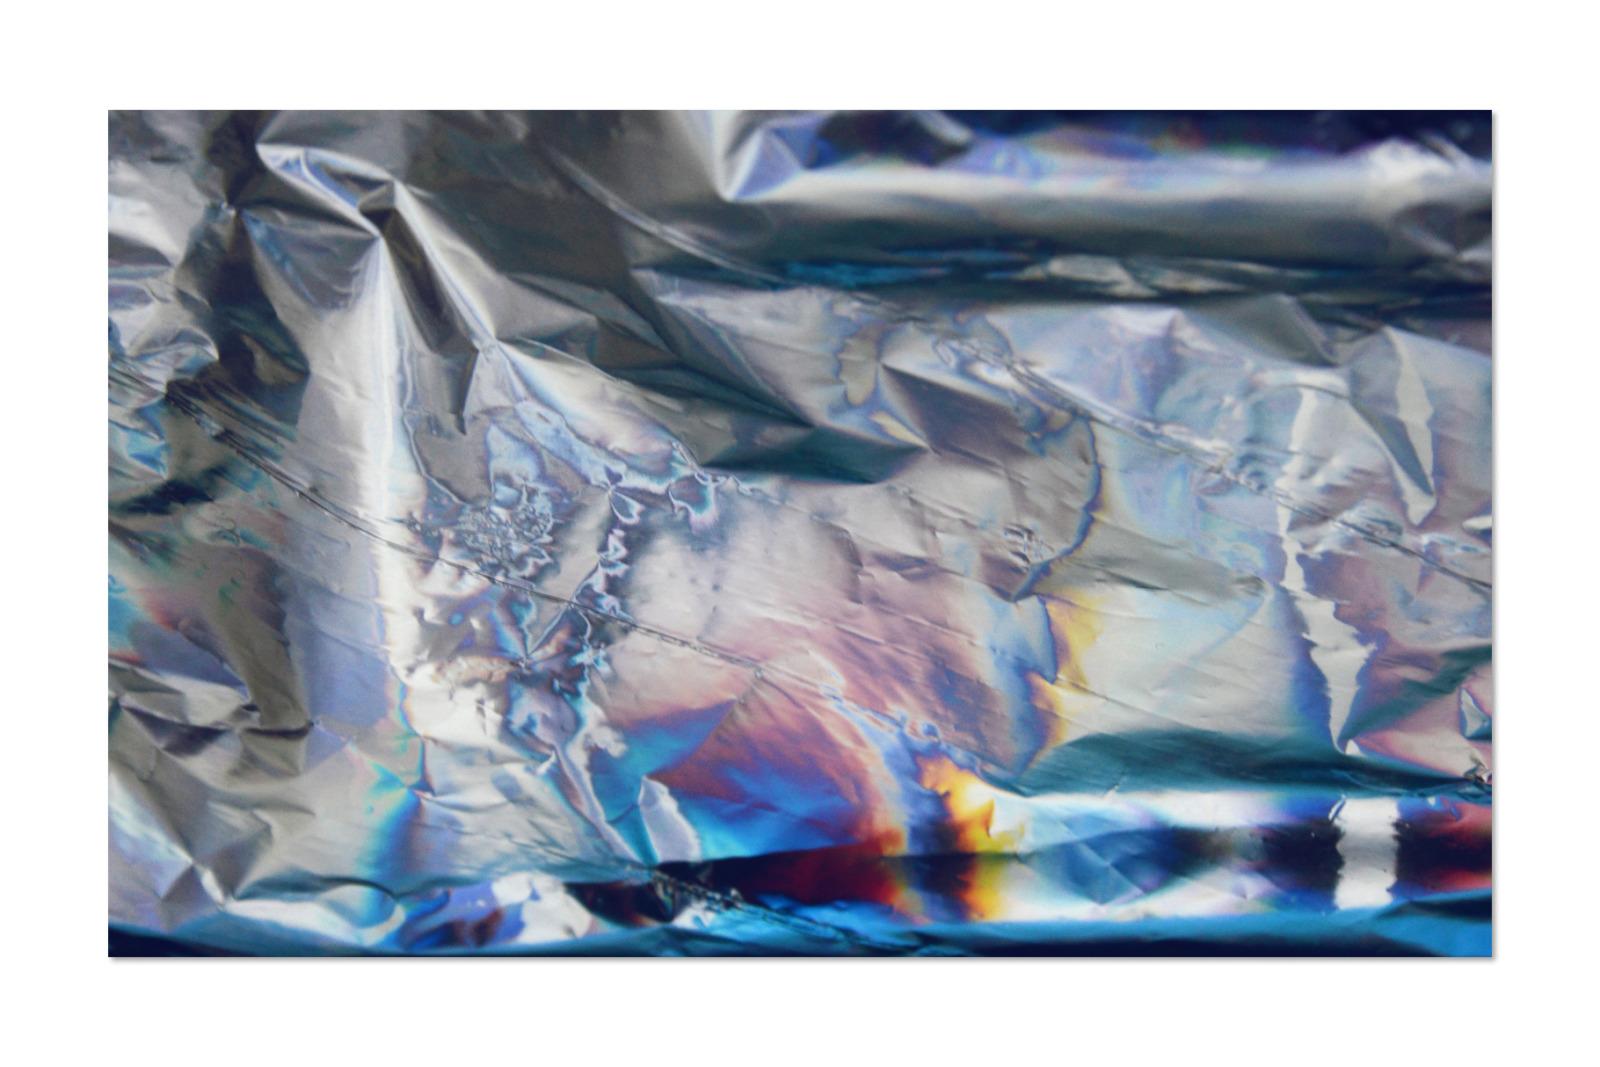 [淘宝购买] 80款潮流全息渐变虹彩金属箔纸纹理海报设计背景图片素材 Crumbled – 80 Foil Textures插图9